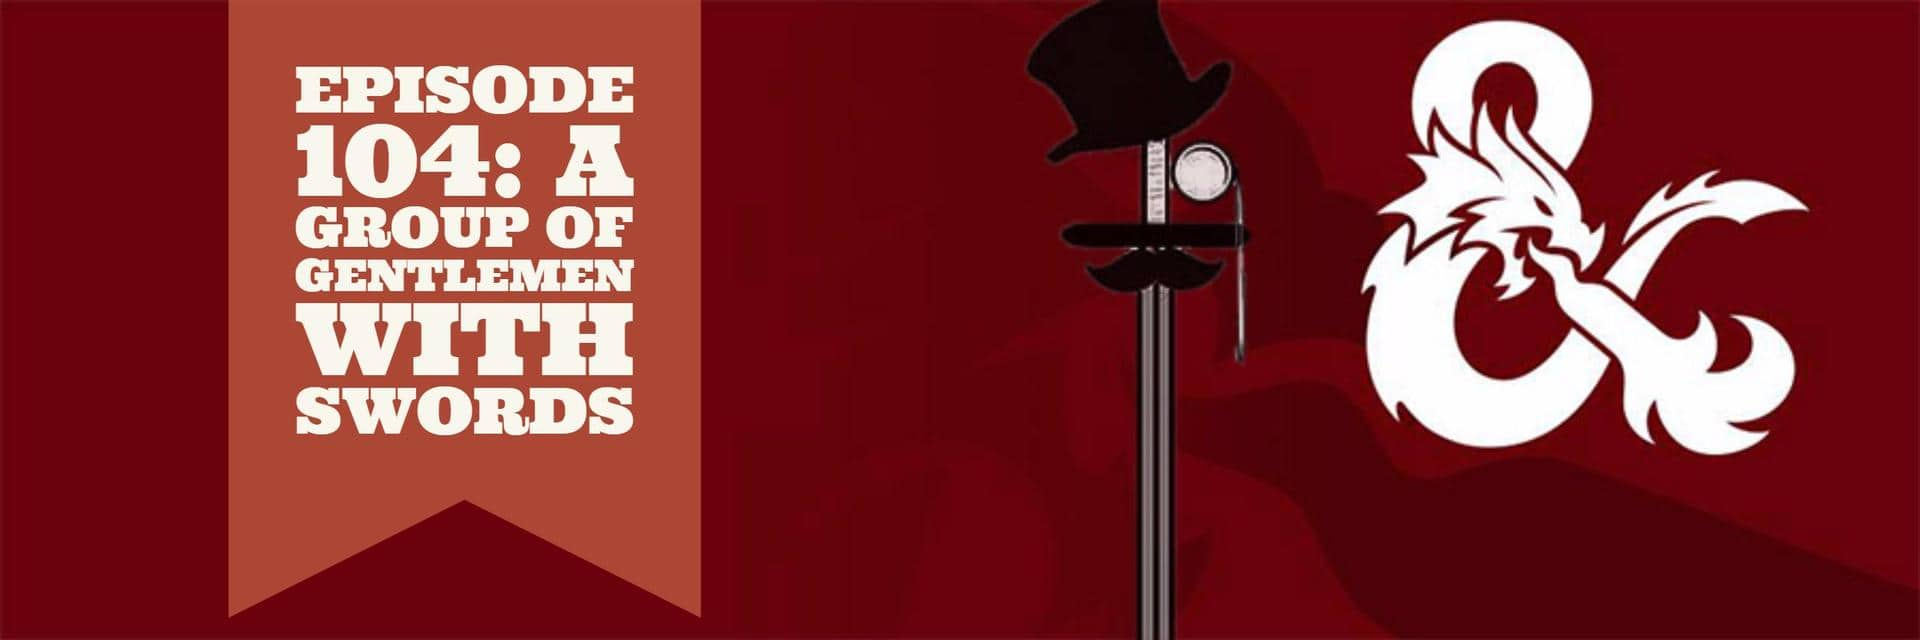 Episode 104: A Group of Gentlemen with Swords